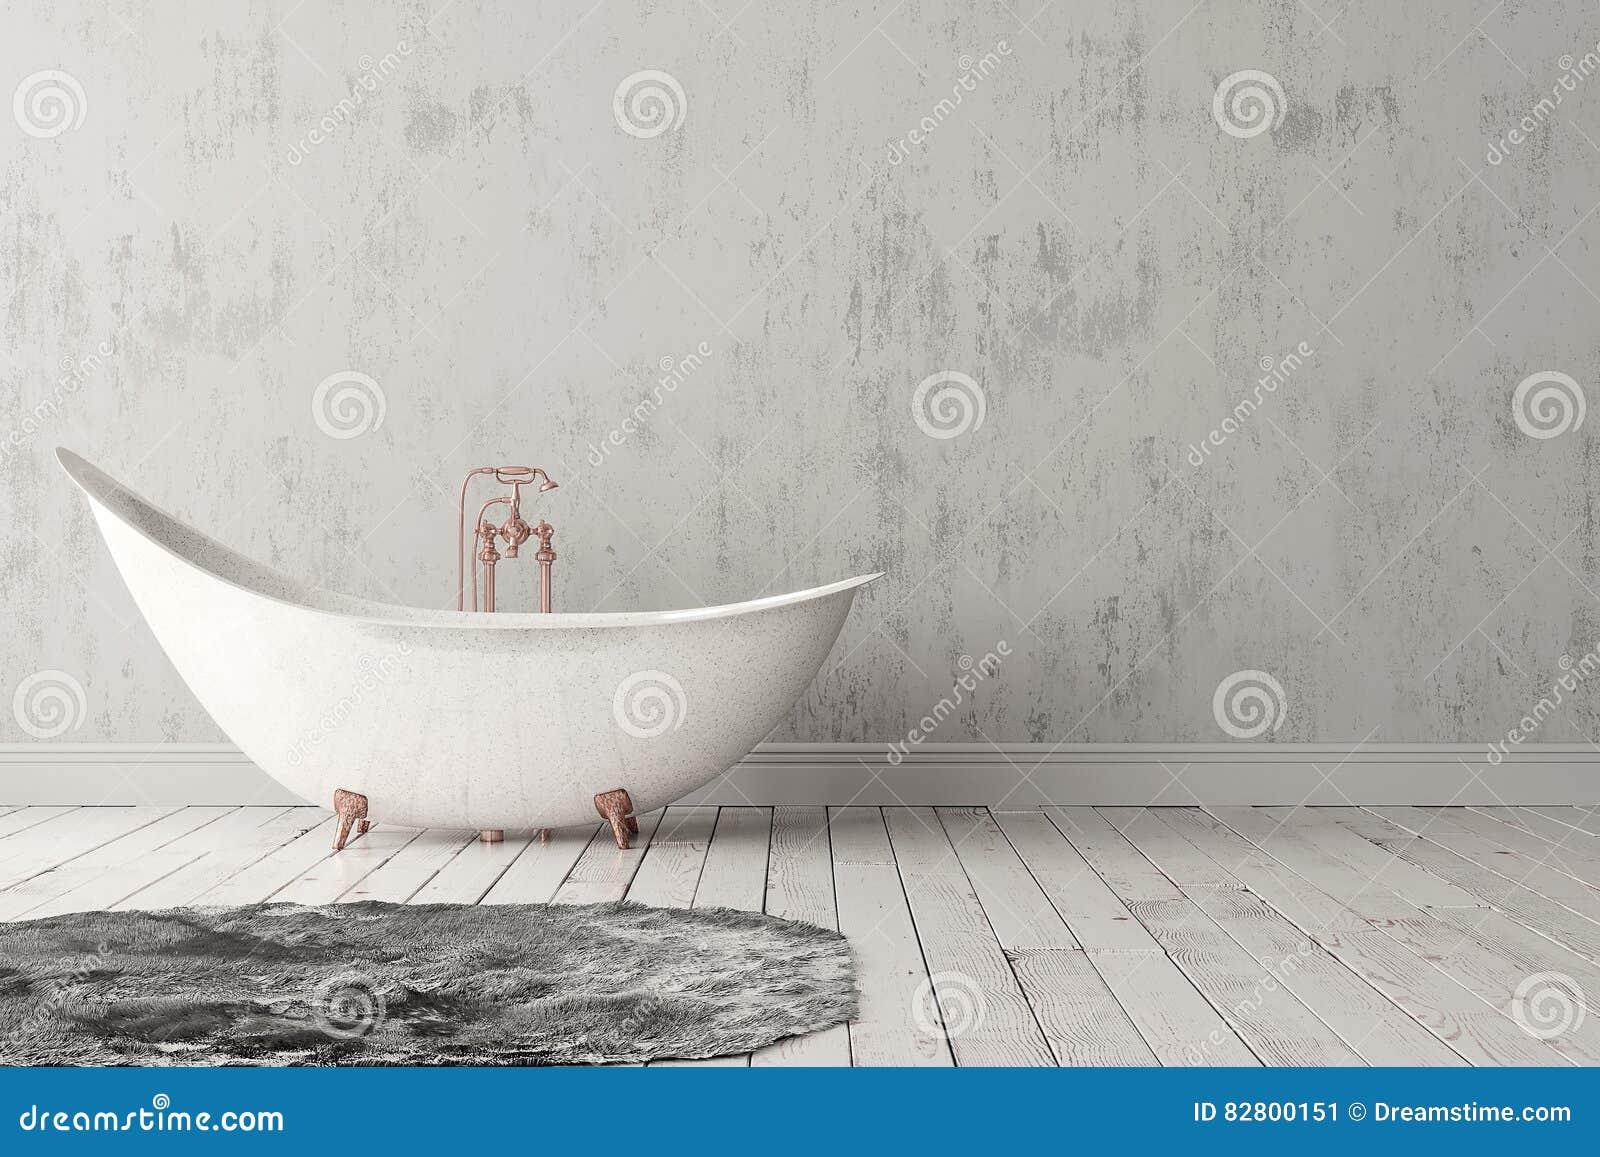 Badezimmer Mit Teppich, Bretterboden Und Rauer Wand Stockbild - Bild ...